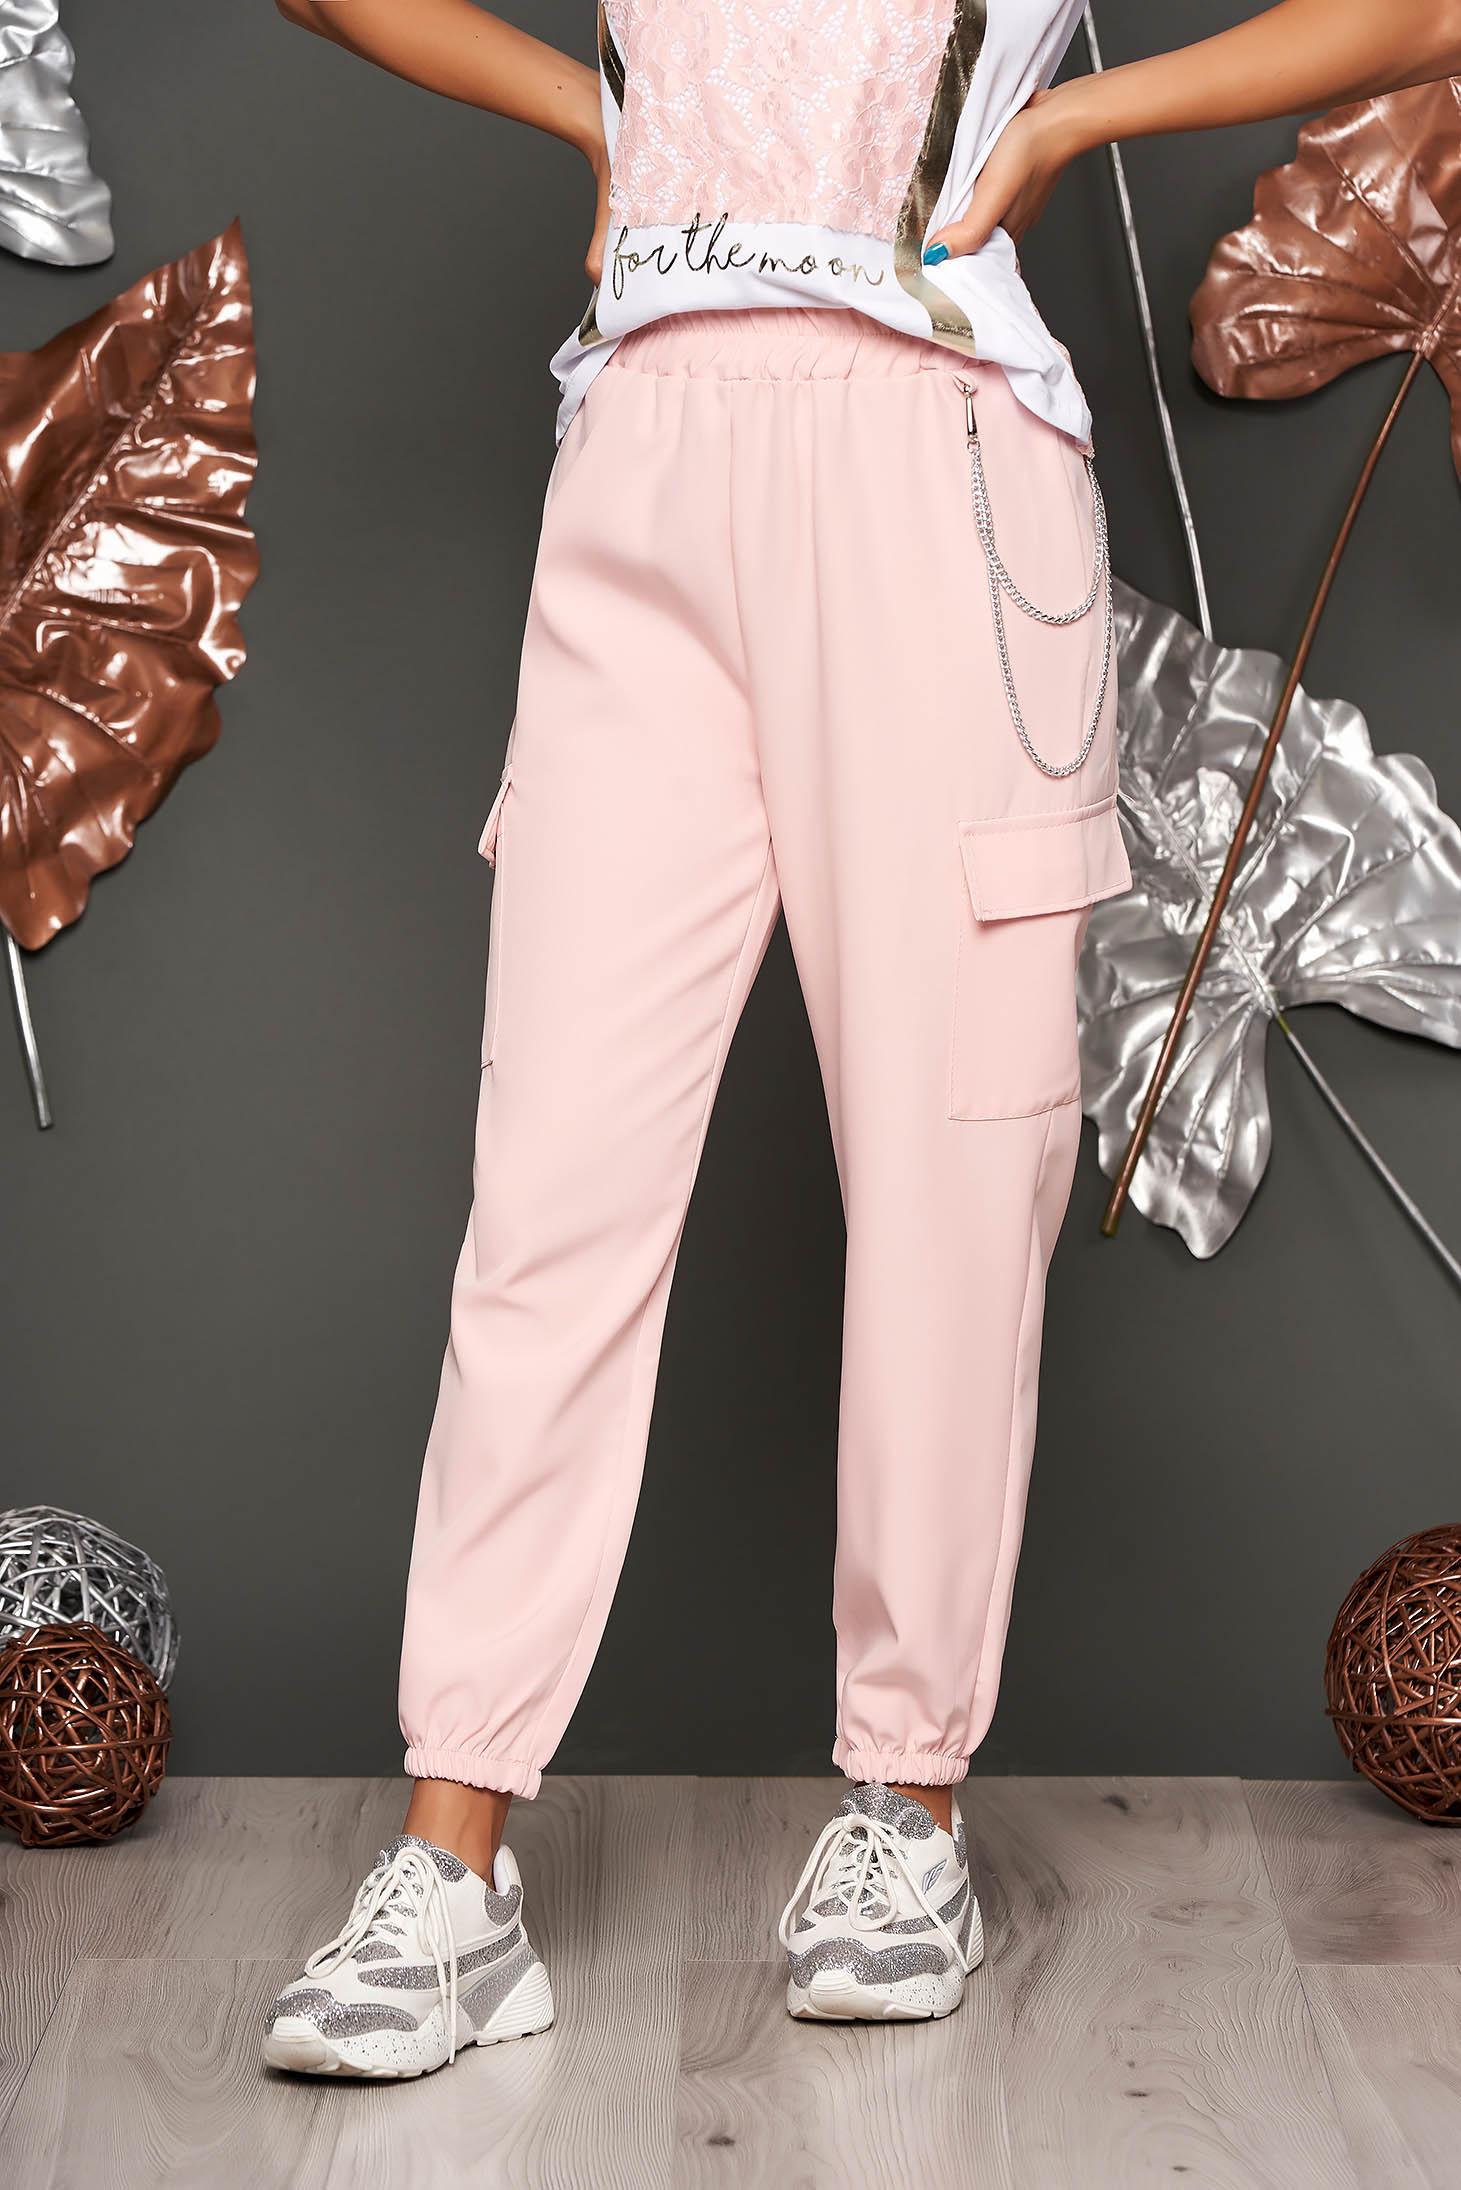 Pantaloni SunShine roz deschis casual cu talie inalta buzunare laterale si accesoriu inclus